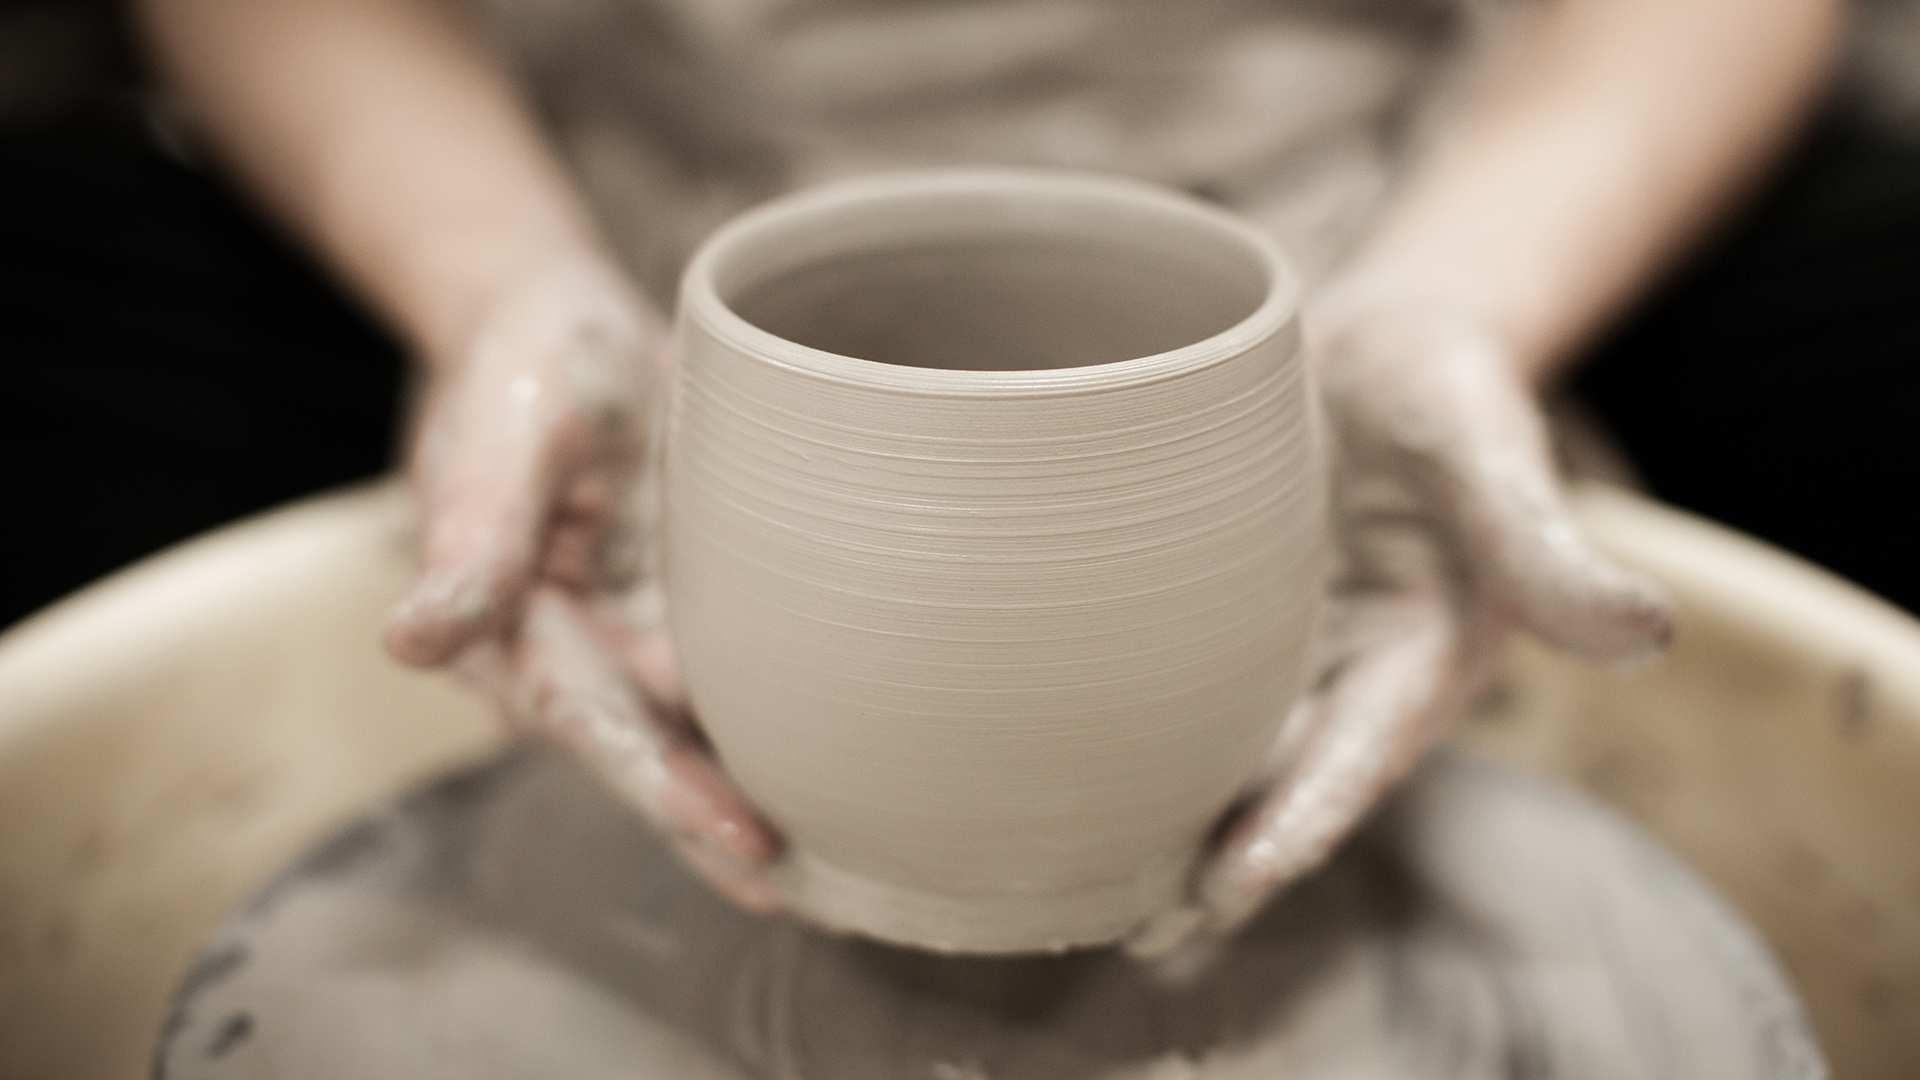 【台湾・鶯歌】台北近郊 陶芸の街・鶯歌(インガー)で陶器DIY体験